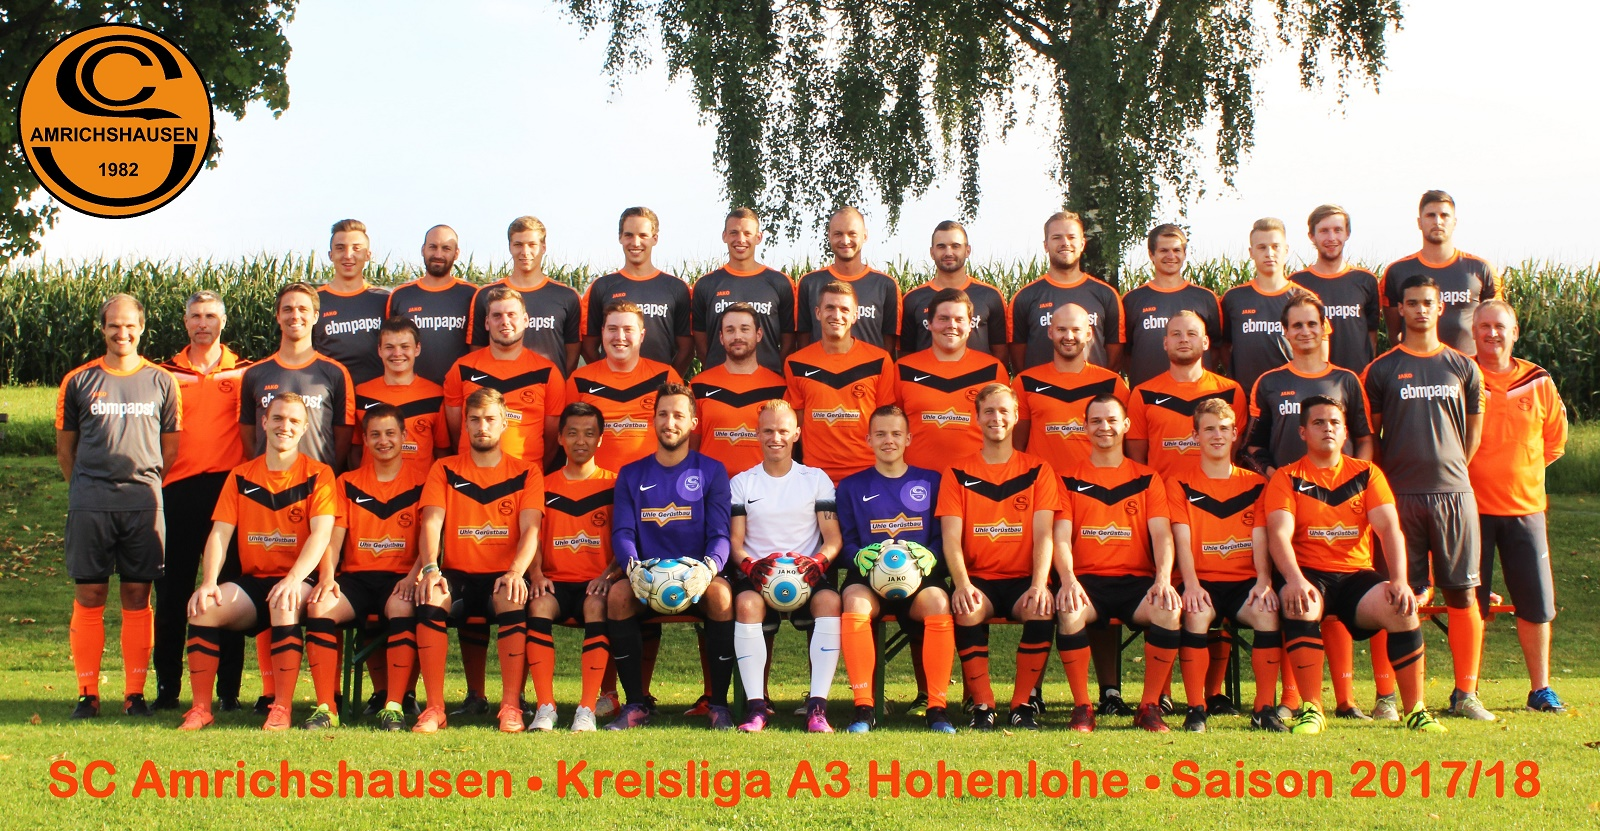 Mannschaftsfoto/Teamfoto von SC Amrichshausen